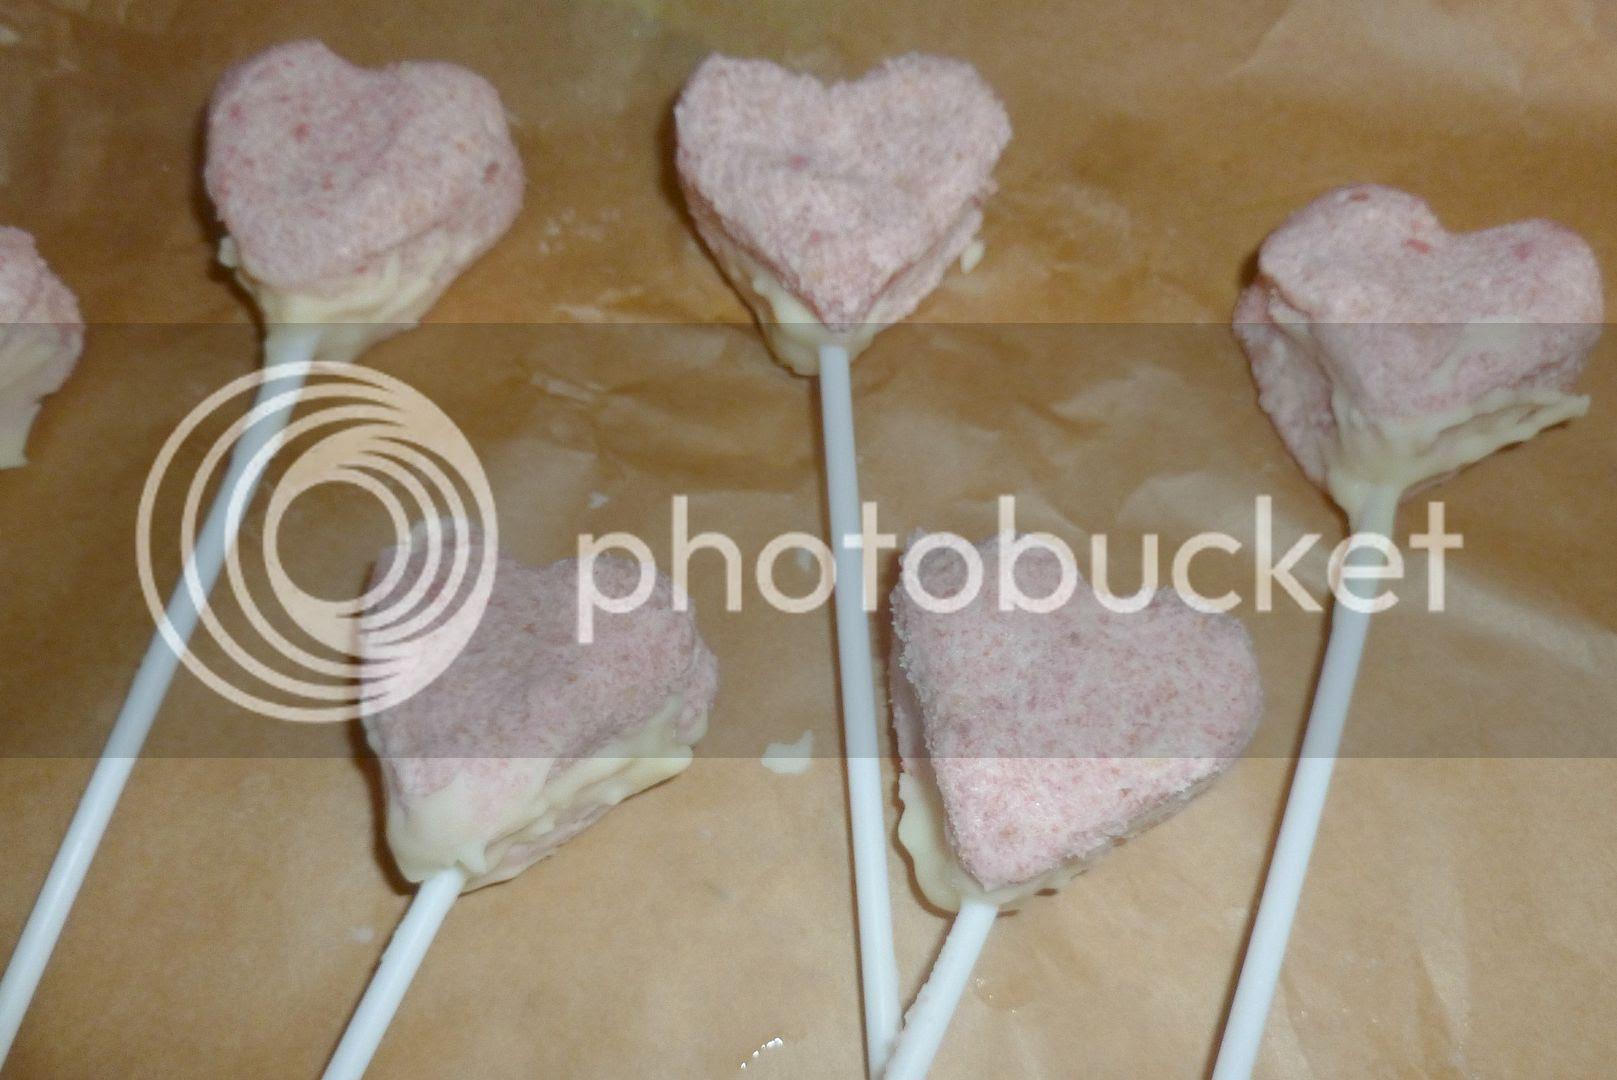 heart shaped cake on a stick